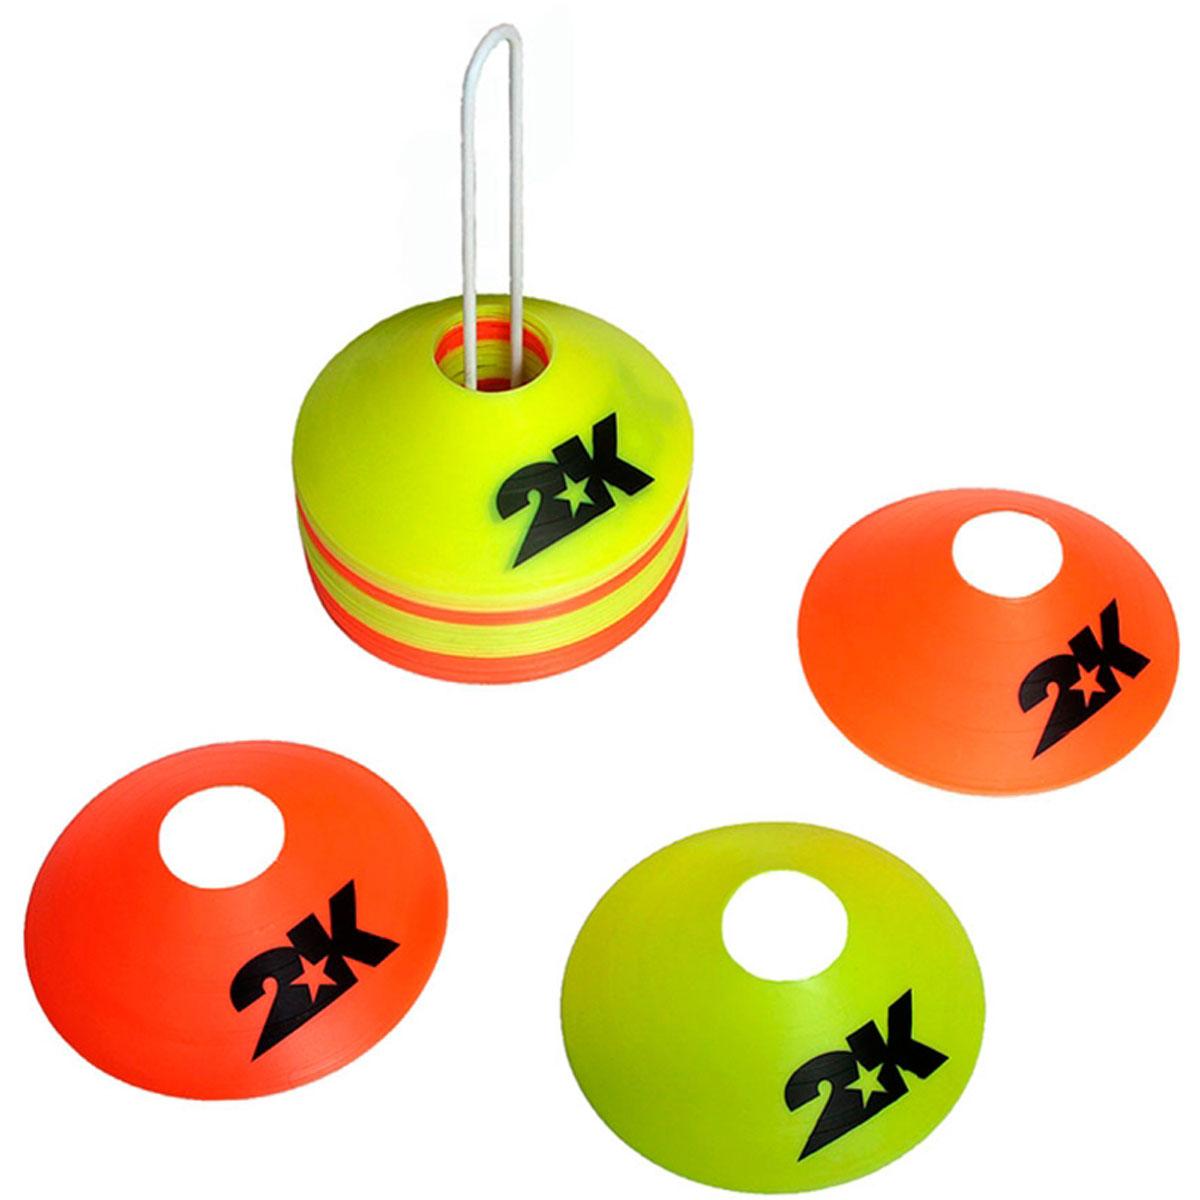 Комплект конусов 2K Sport, цвет: желтый, оранжевый, 40 шт 2k sport 2k sport betis